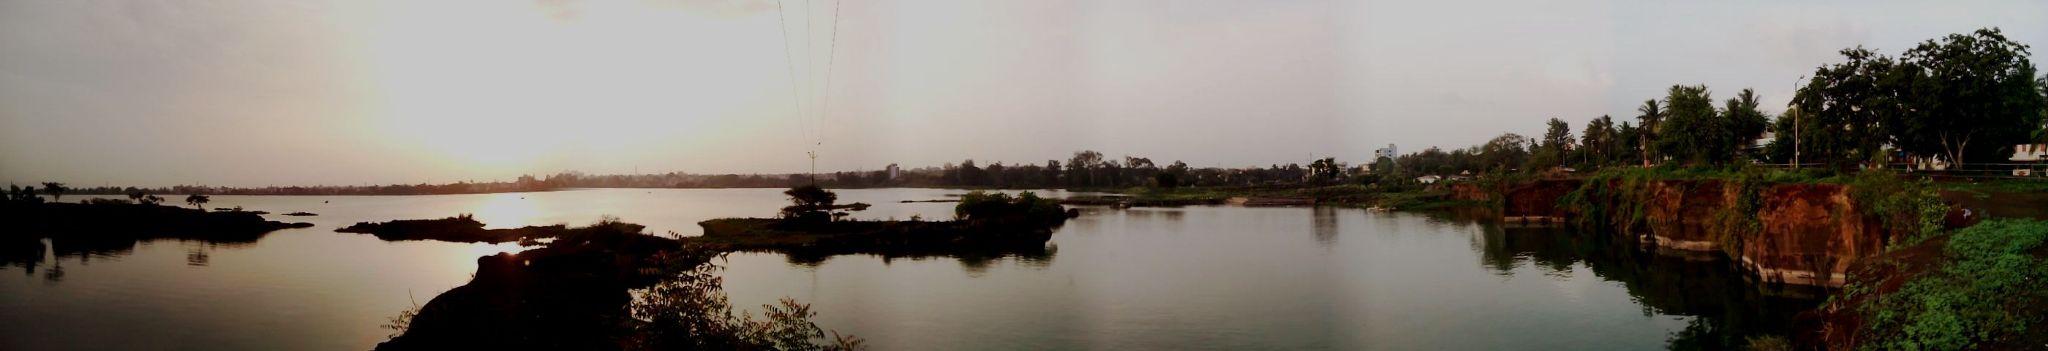 IMG_20140620_063816-morning at a lake-3 by CKKALLOLI